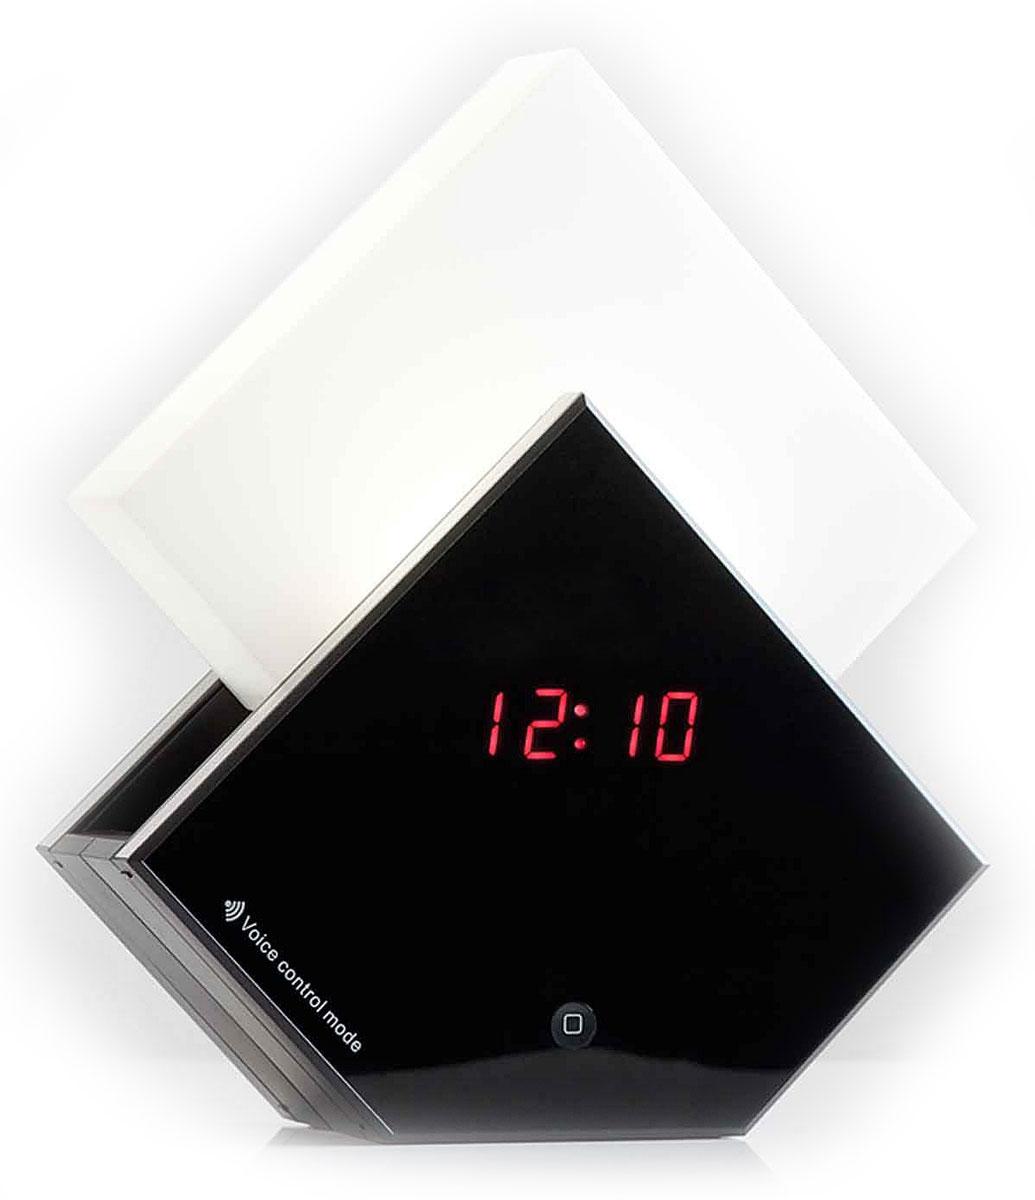 Uniel UTV-70 часы-будильникUTV-70Многофункциональные электронные часы Uniel UTV-70 Симфония рассвета рекомендуются к использованию дома и в офисах. Эта модель безусловно будет удачным украшением любого интерьера.Отличительной особенностью данных часов является светильник, включающийся и выдвигающийся при срабатывании будильника или при нажатии на соответствующую тактильную панель Touch. А включение звуков природы можно задать и просто так в любое время в диапазоне от 10 до 60 минут.Пять различных звуков природыИндикация времени, температуры и датыБудильник с функцией SnoozeИсточник света — светодиодыСенсорное управлениеГолосовое управлениеНапряжение: 230ВЧастота: 50 ГЦСрок службы светодиодов: до 50000 ч